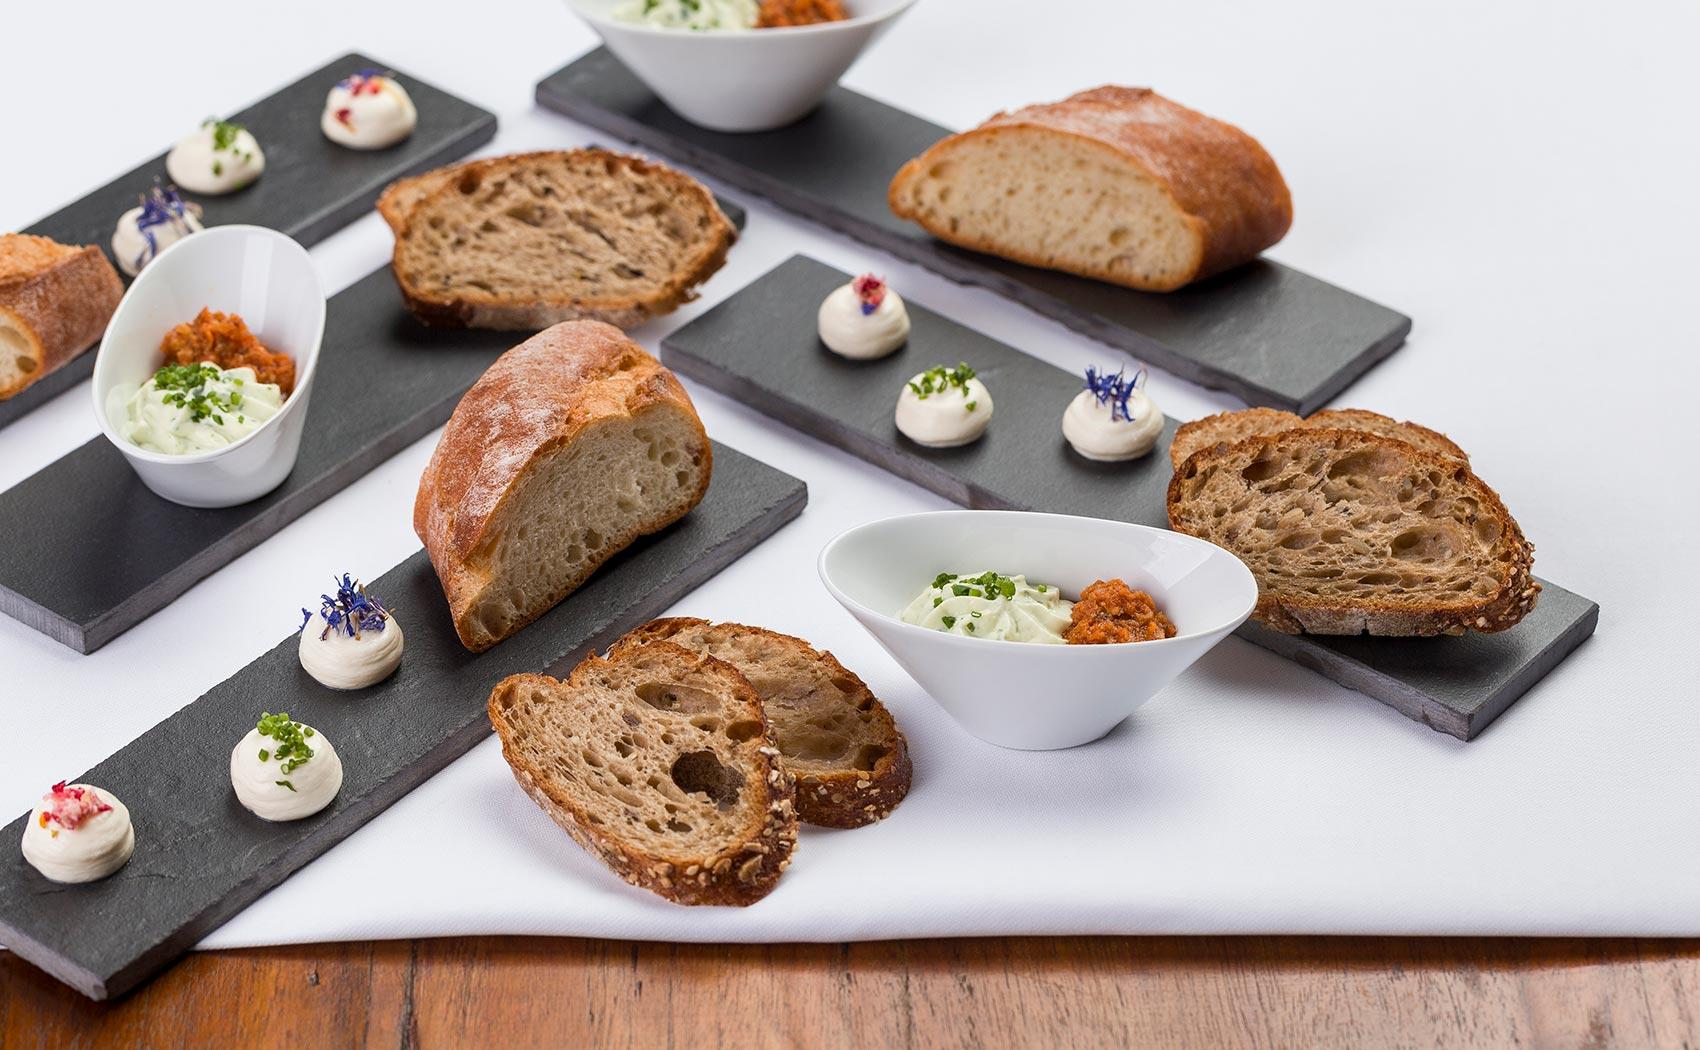 Logodesign und Foodfotografie für die Cateringkunst von Bernhard Munding aus Frechenrieden